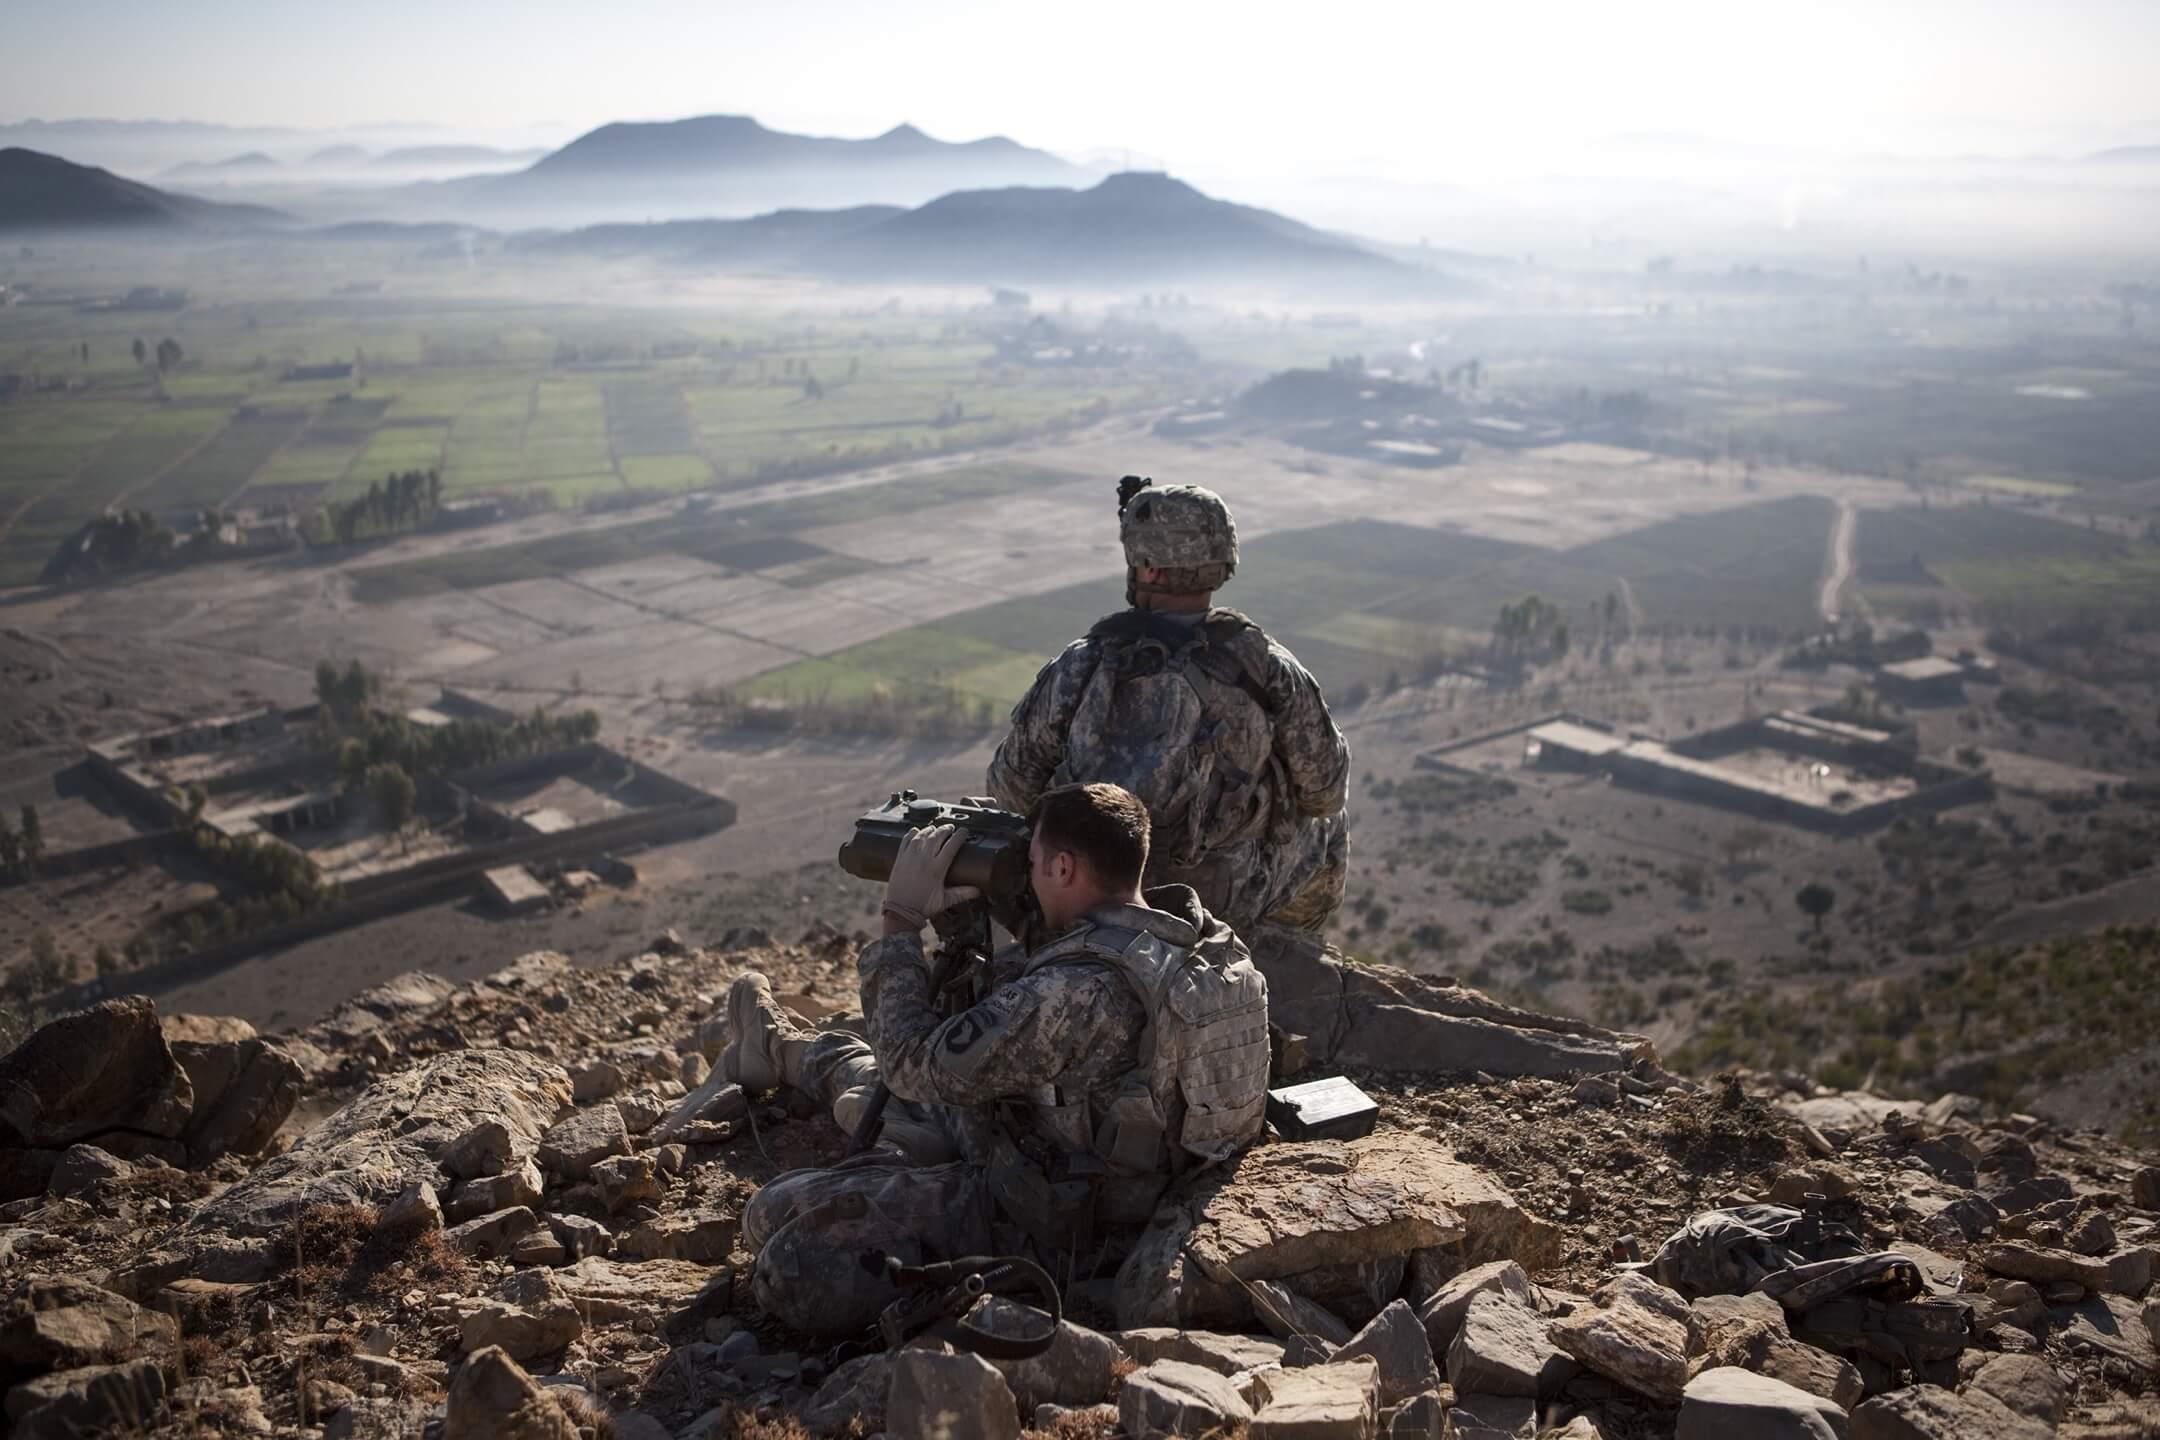 2008年12月26日,阿富汗霍斯特省,美軍士兵在山頂的哨站站崗。